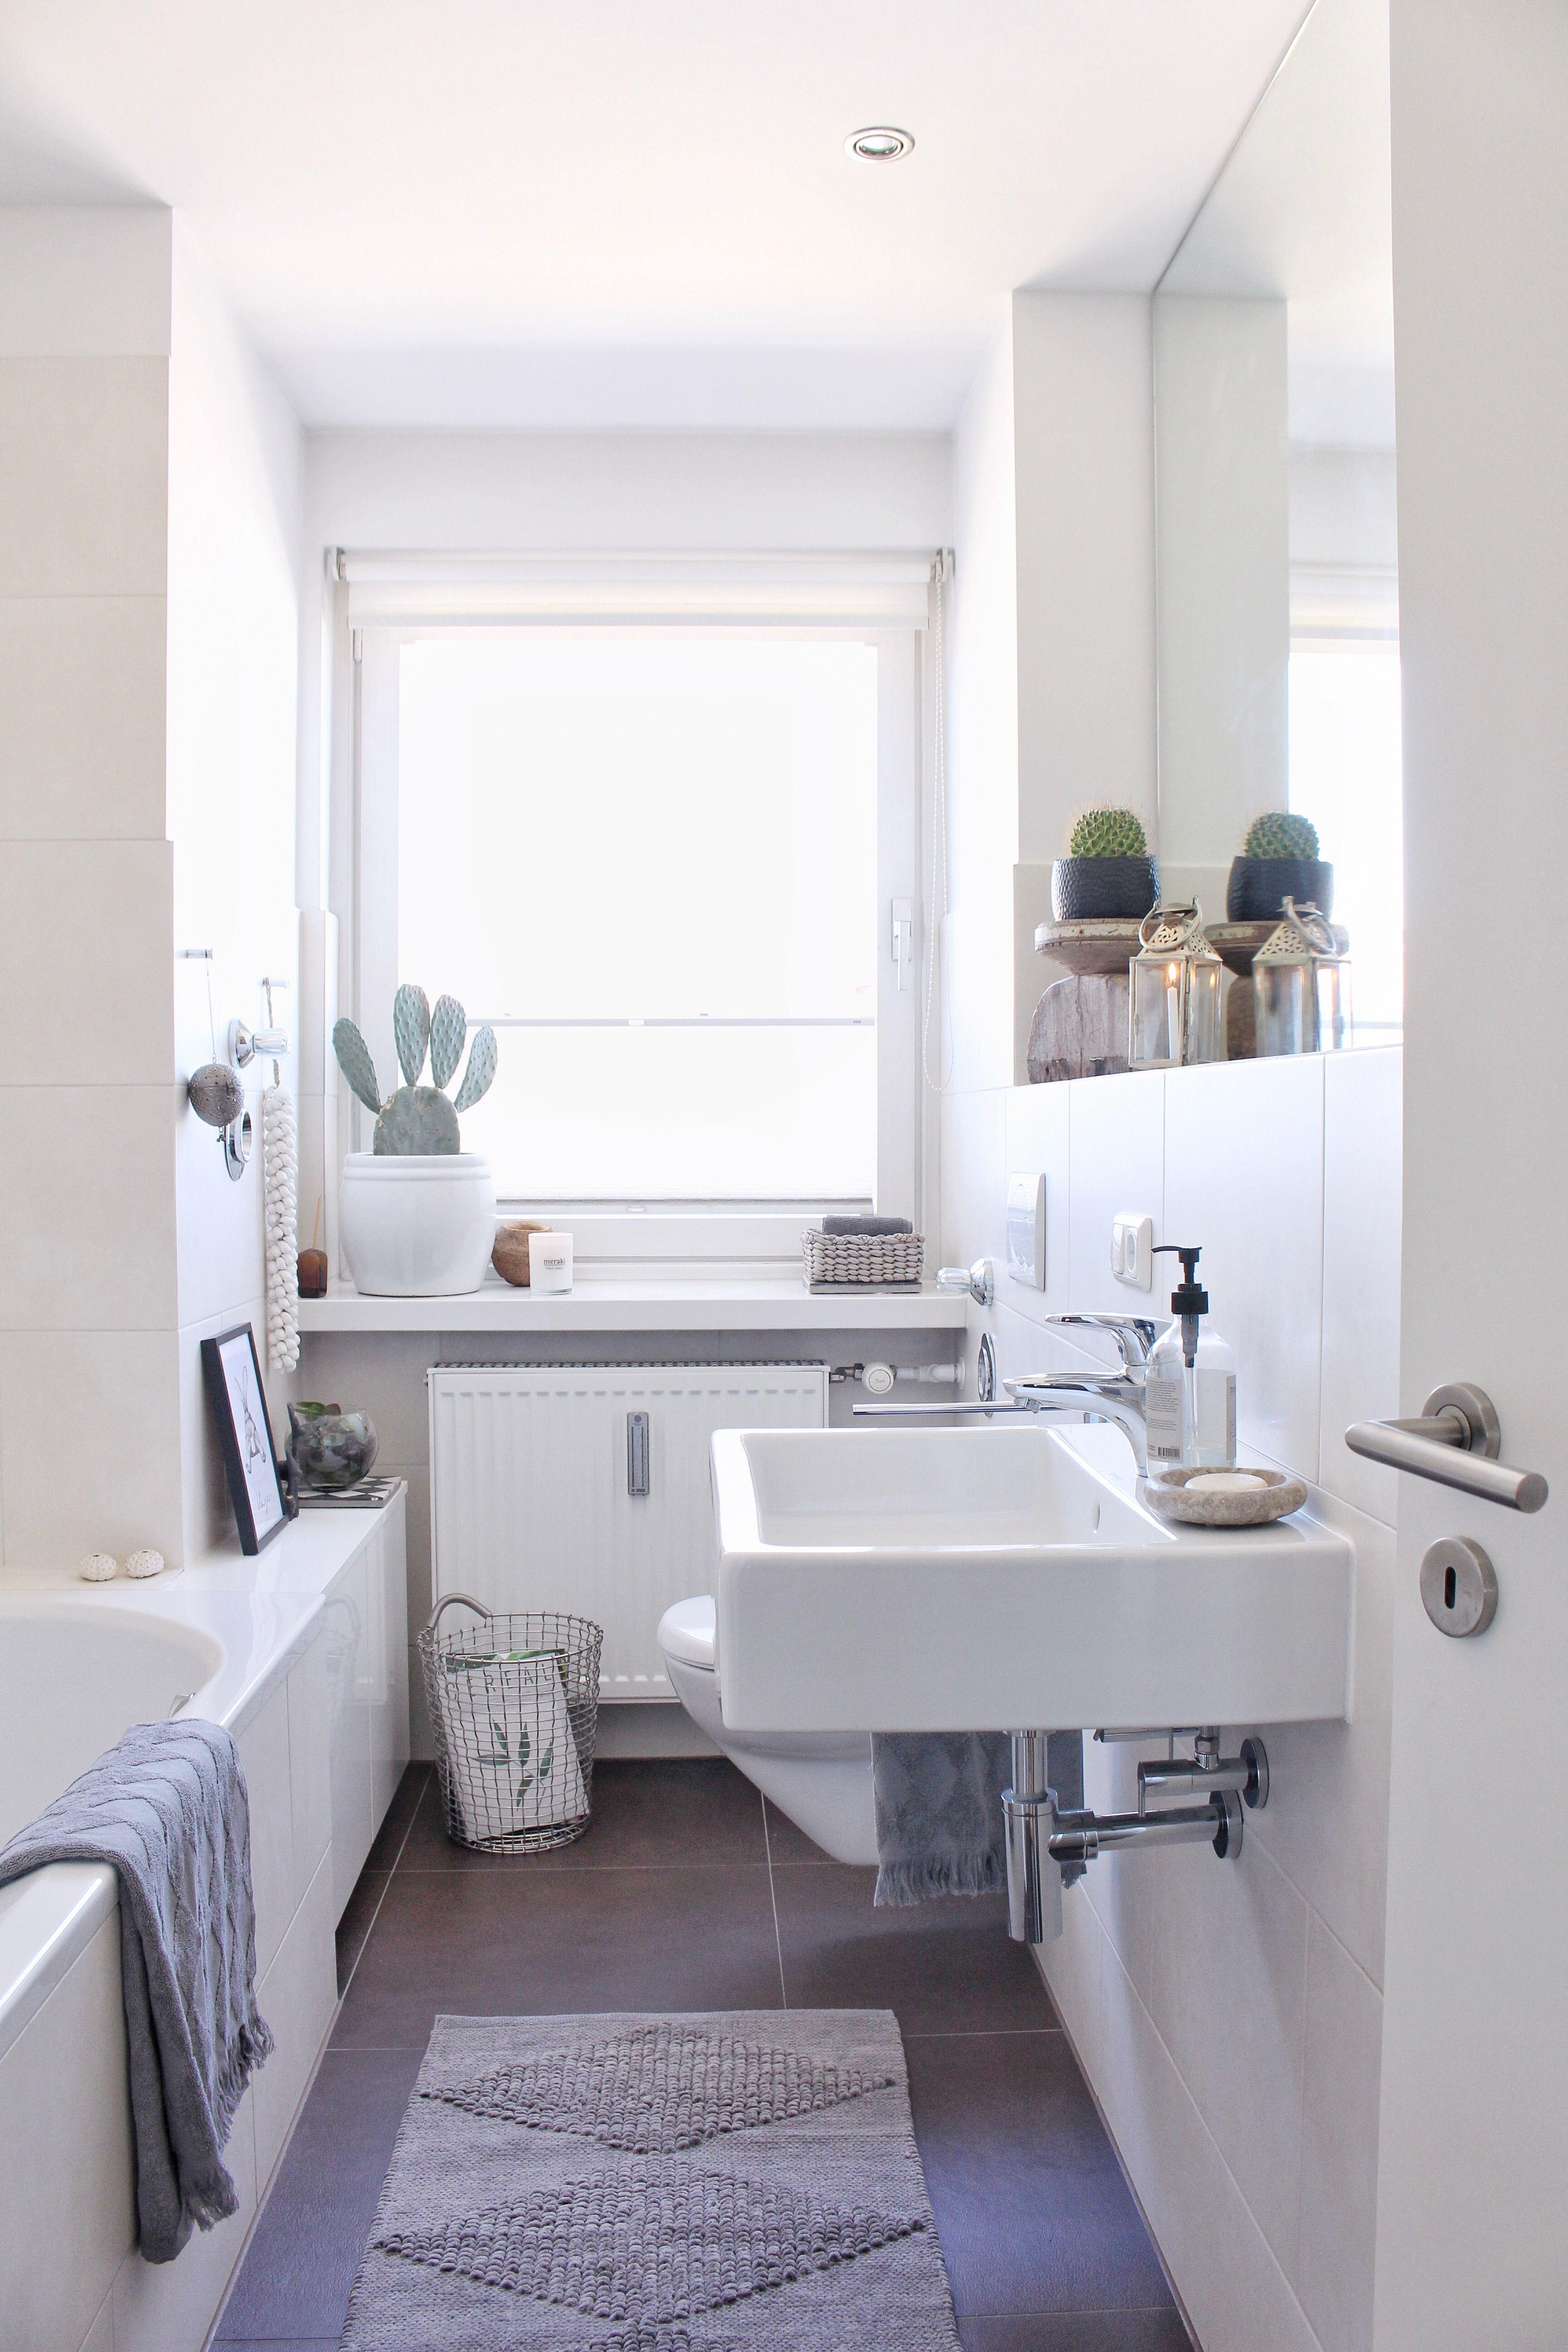 Kleines Bad gestalten – Ideen für wenig Platz